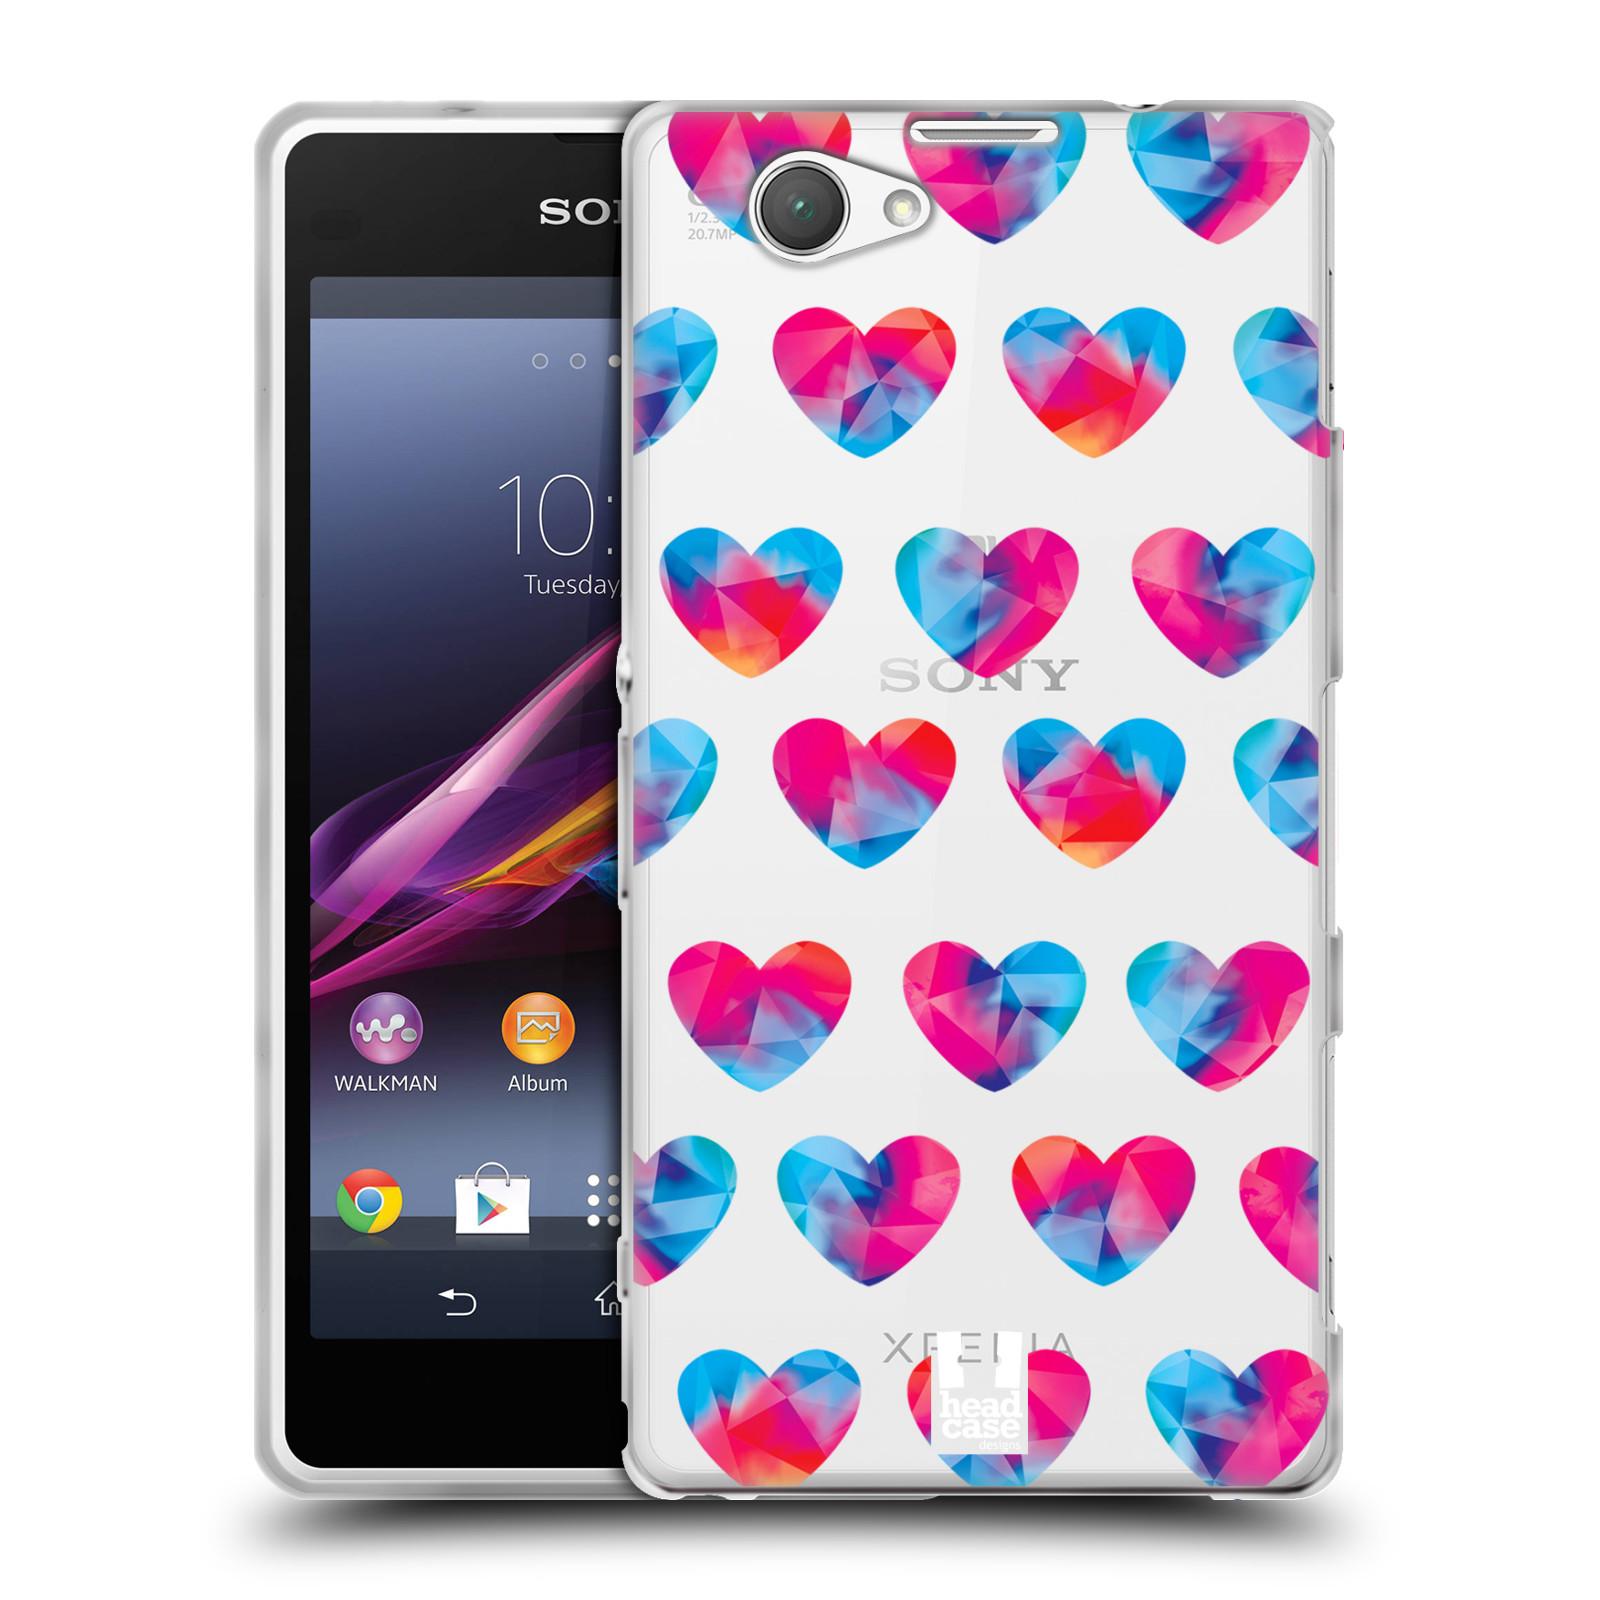 Silikonové pouzdro na mobil Sony Xperia Z1 Compact D5503 - Head Case - Srdíčka hrající barvami